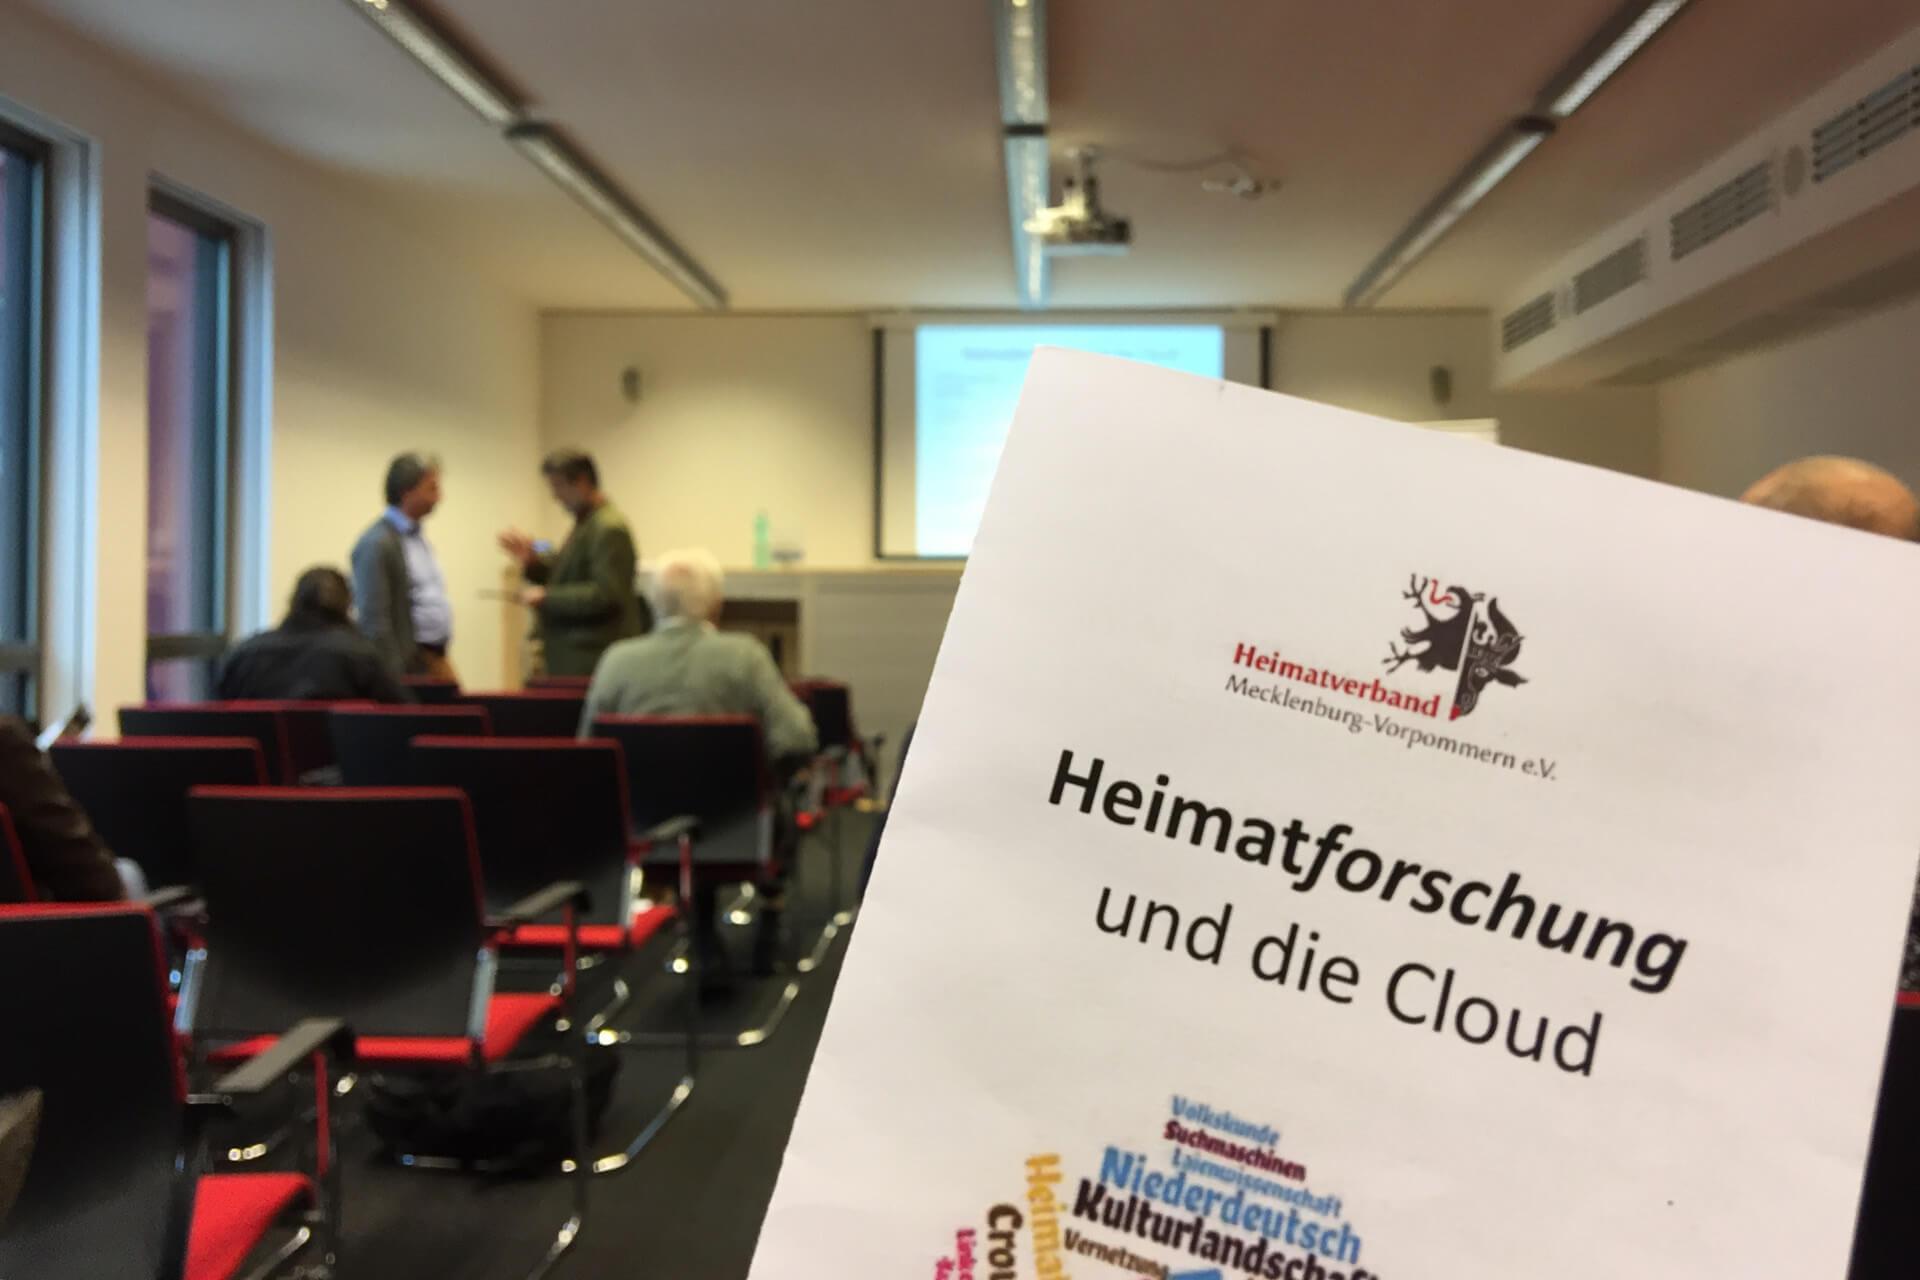 Heimatforschung und die Cloud